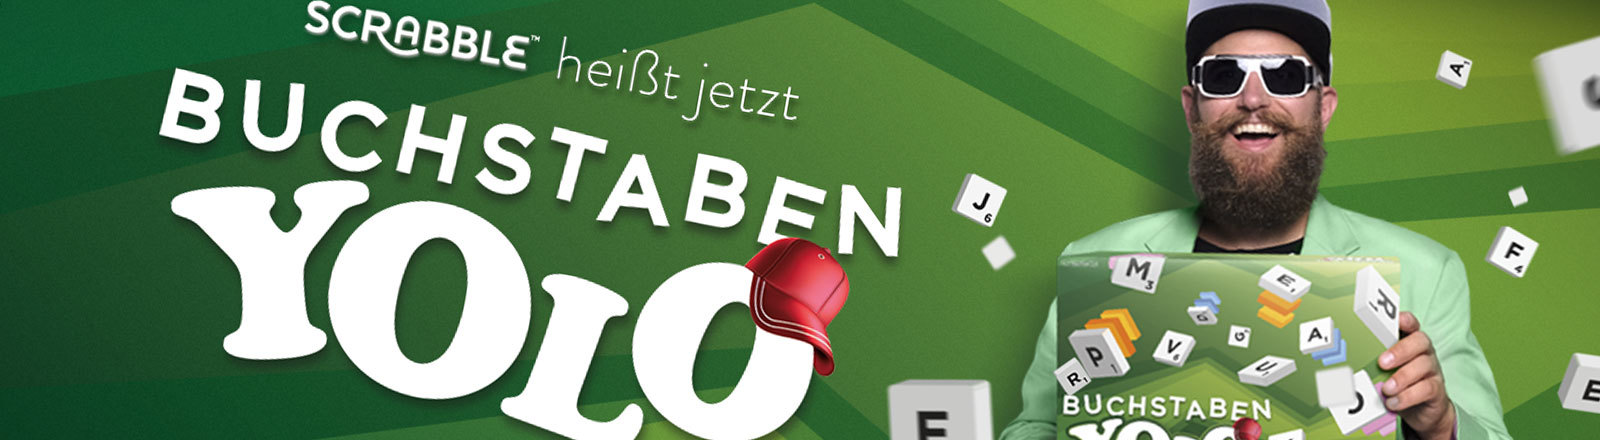 Werbegrafik von Mattel zum neuen Scrabble-Namen